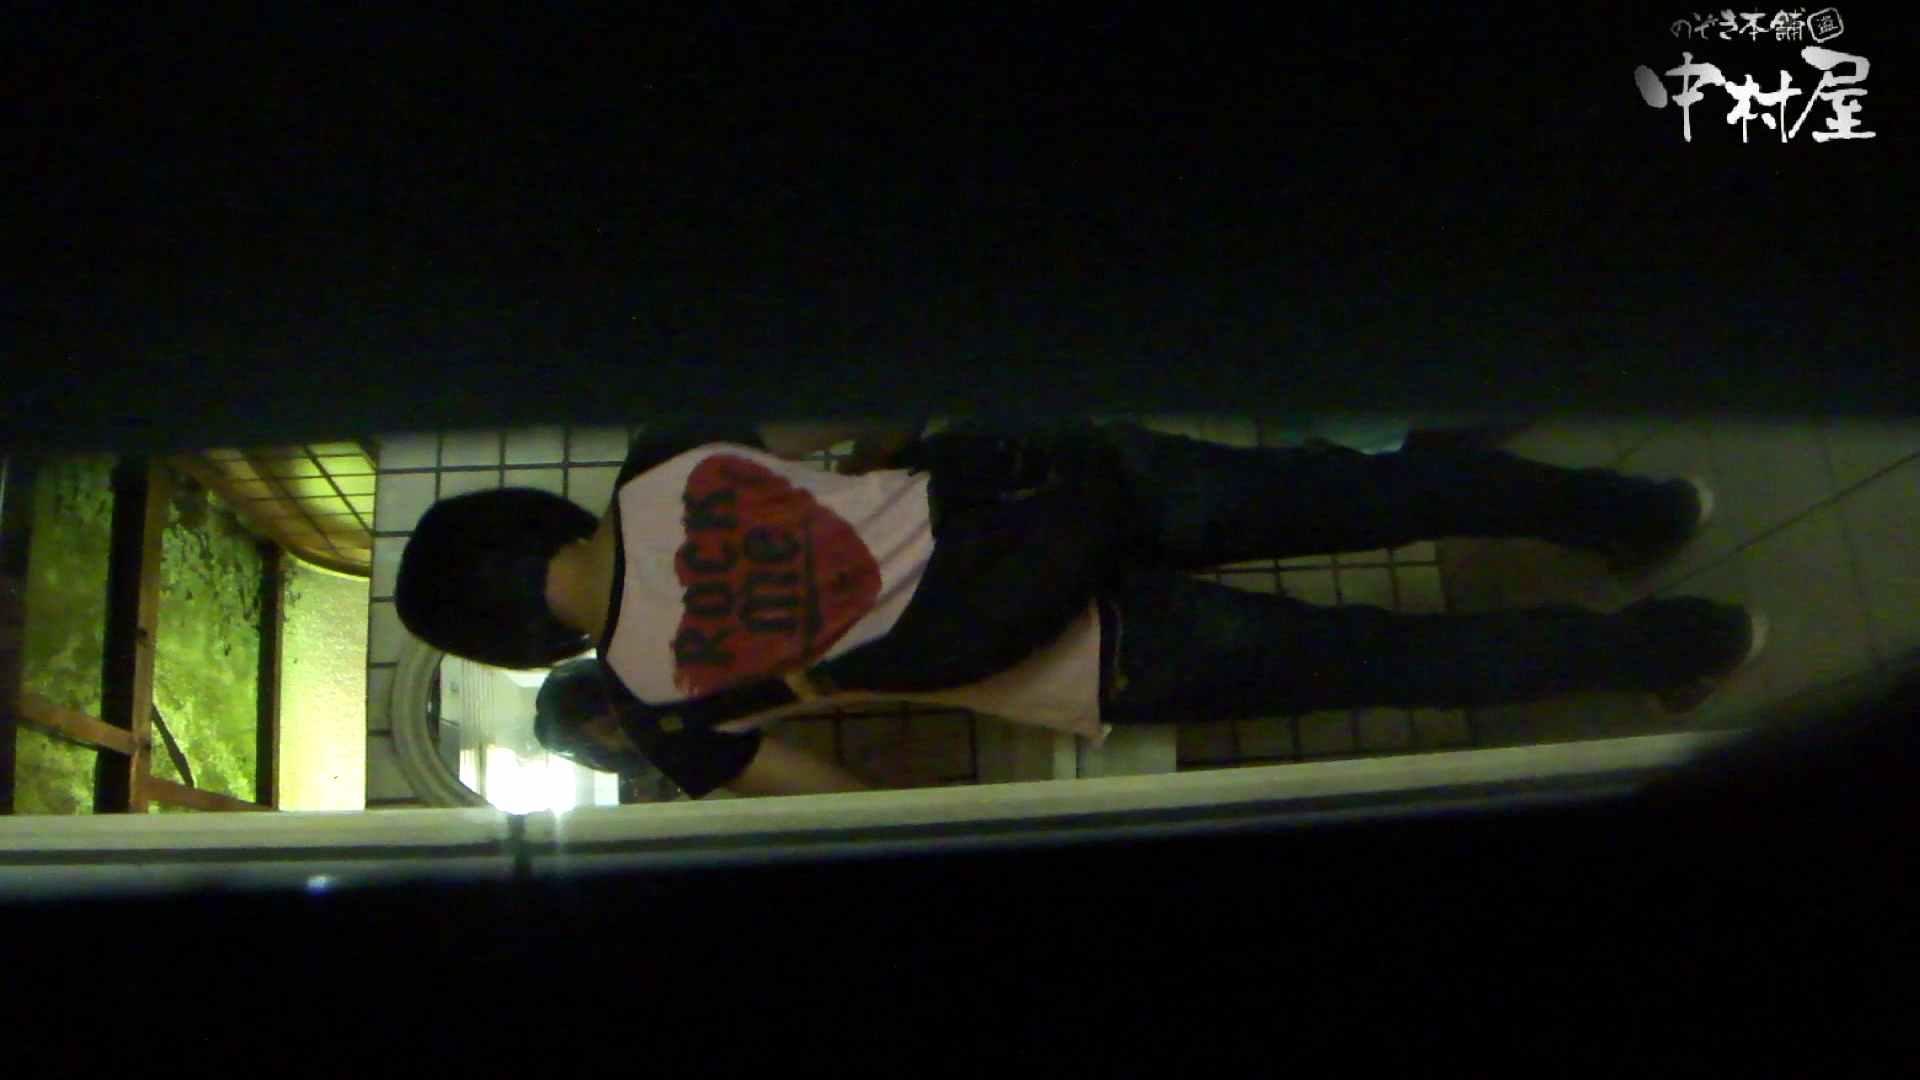 【美人が集まるファッションショッピングセンター洗面所盗SATU】ギャルのツルピカ潜入盗satu!Vol.09 高画質 盗撮AV動画キャプチャ 84画像 24